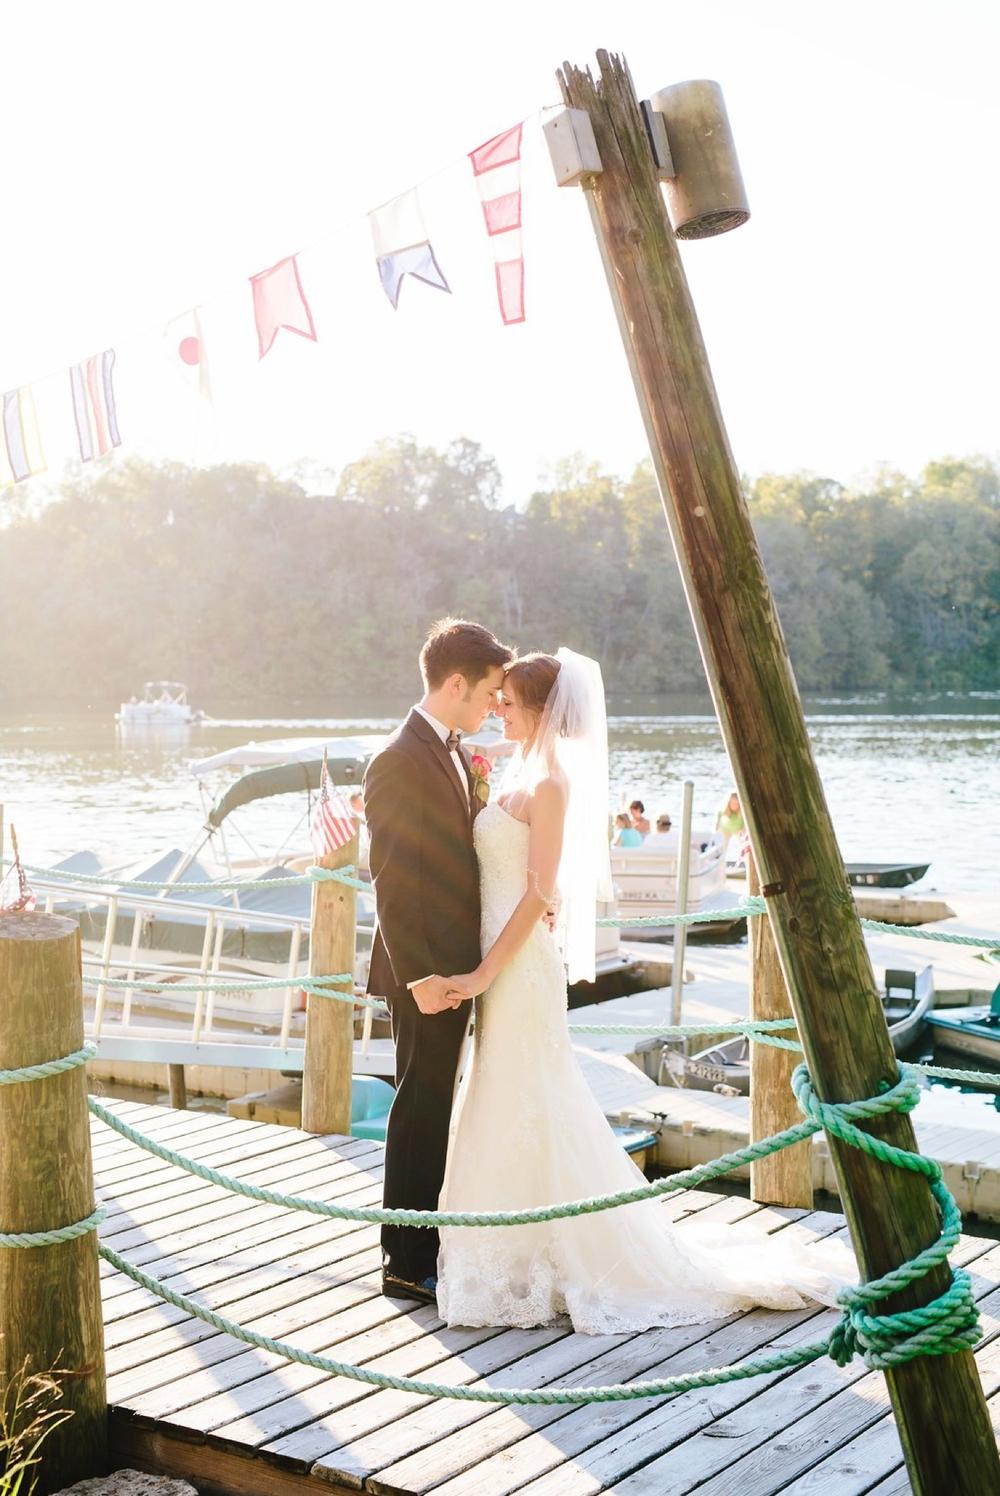 chicago-fine-art-wedding-photography-nellessen25